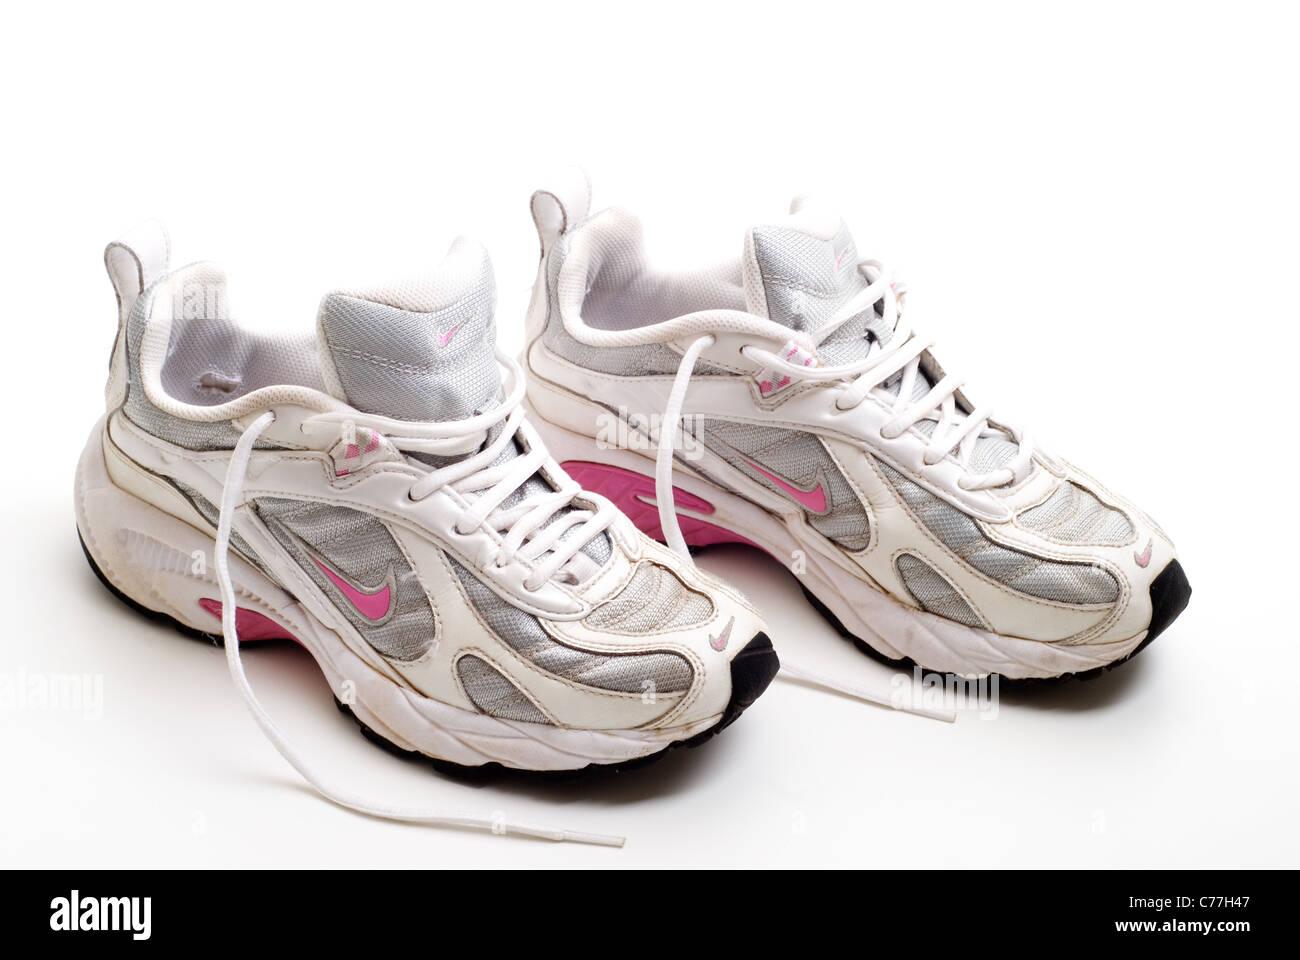 Chaussure Chaussure Vieille Nike Vieille Qbx0pute Chaussure Nike Nike Qbx0pute qRdfHXx